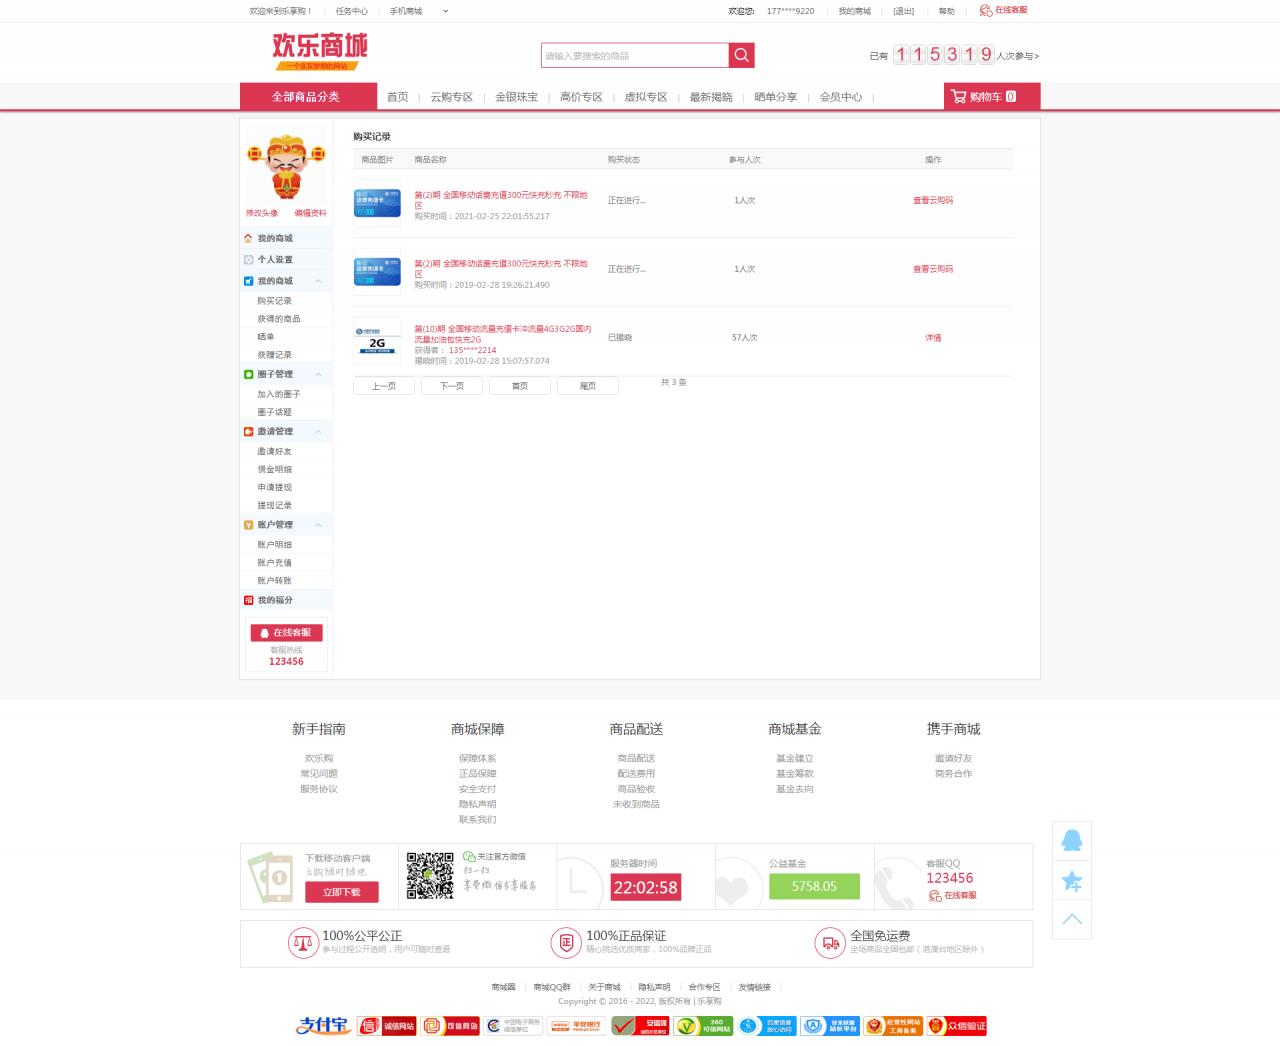 【商业资源】多语言版/完整云购竞猜系统/1元夺宝/对接免签支付/带安装文档